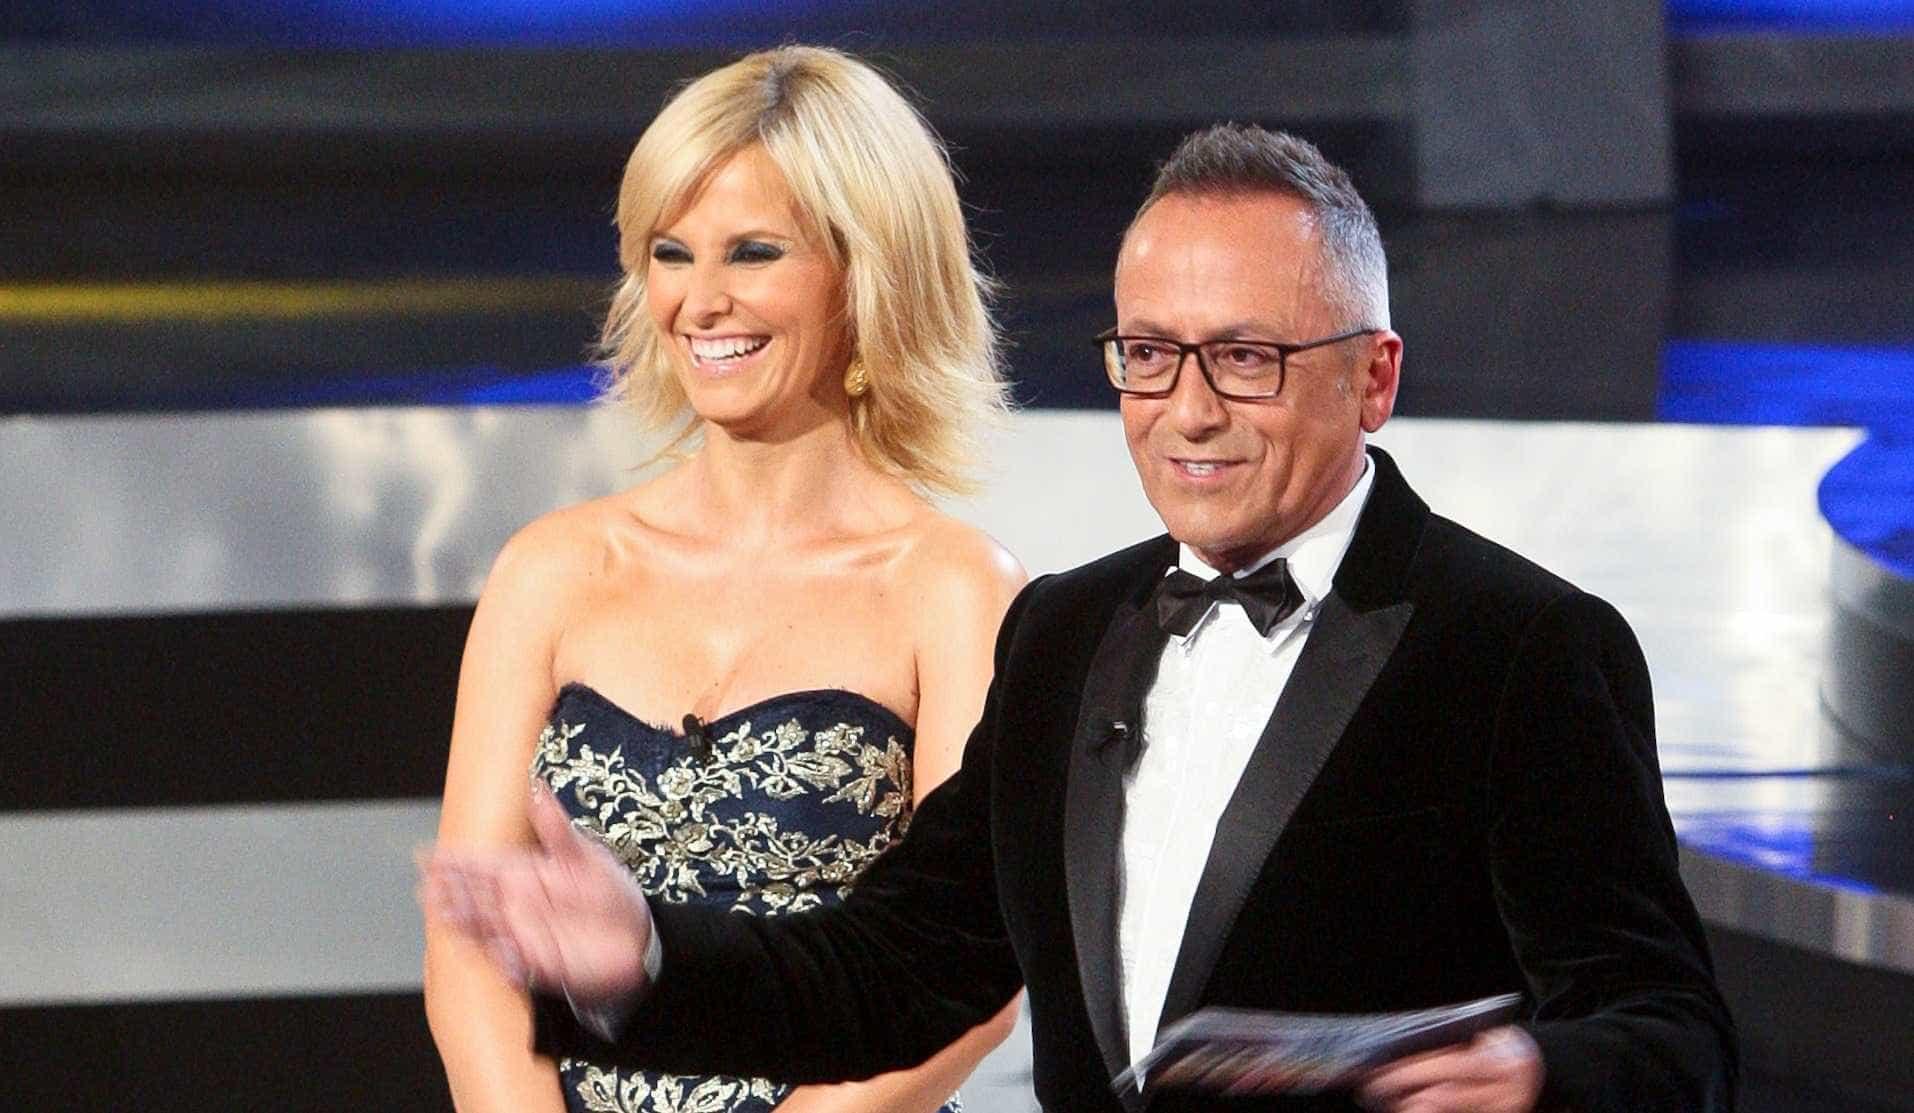 Cristina Ferreira não fica indiferente ao look de Manuel Luís Goucha